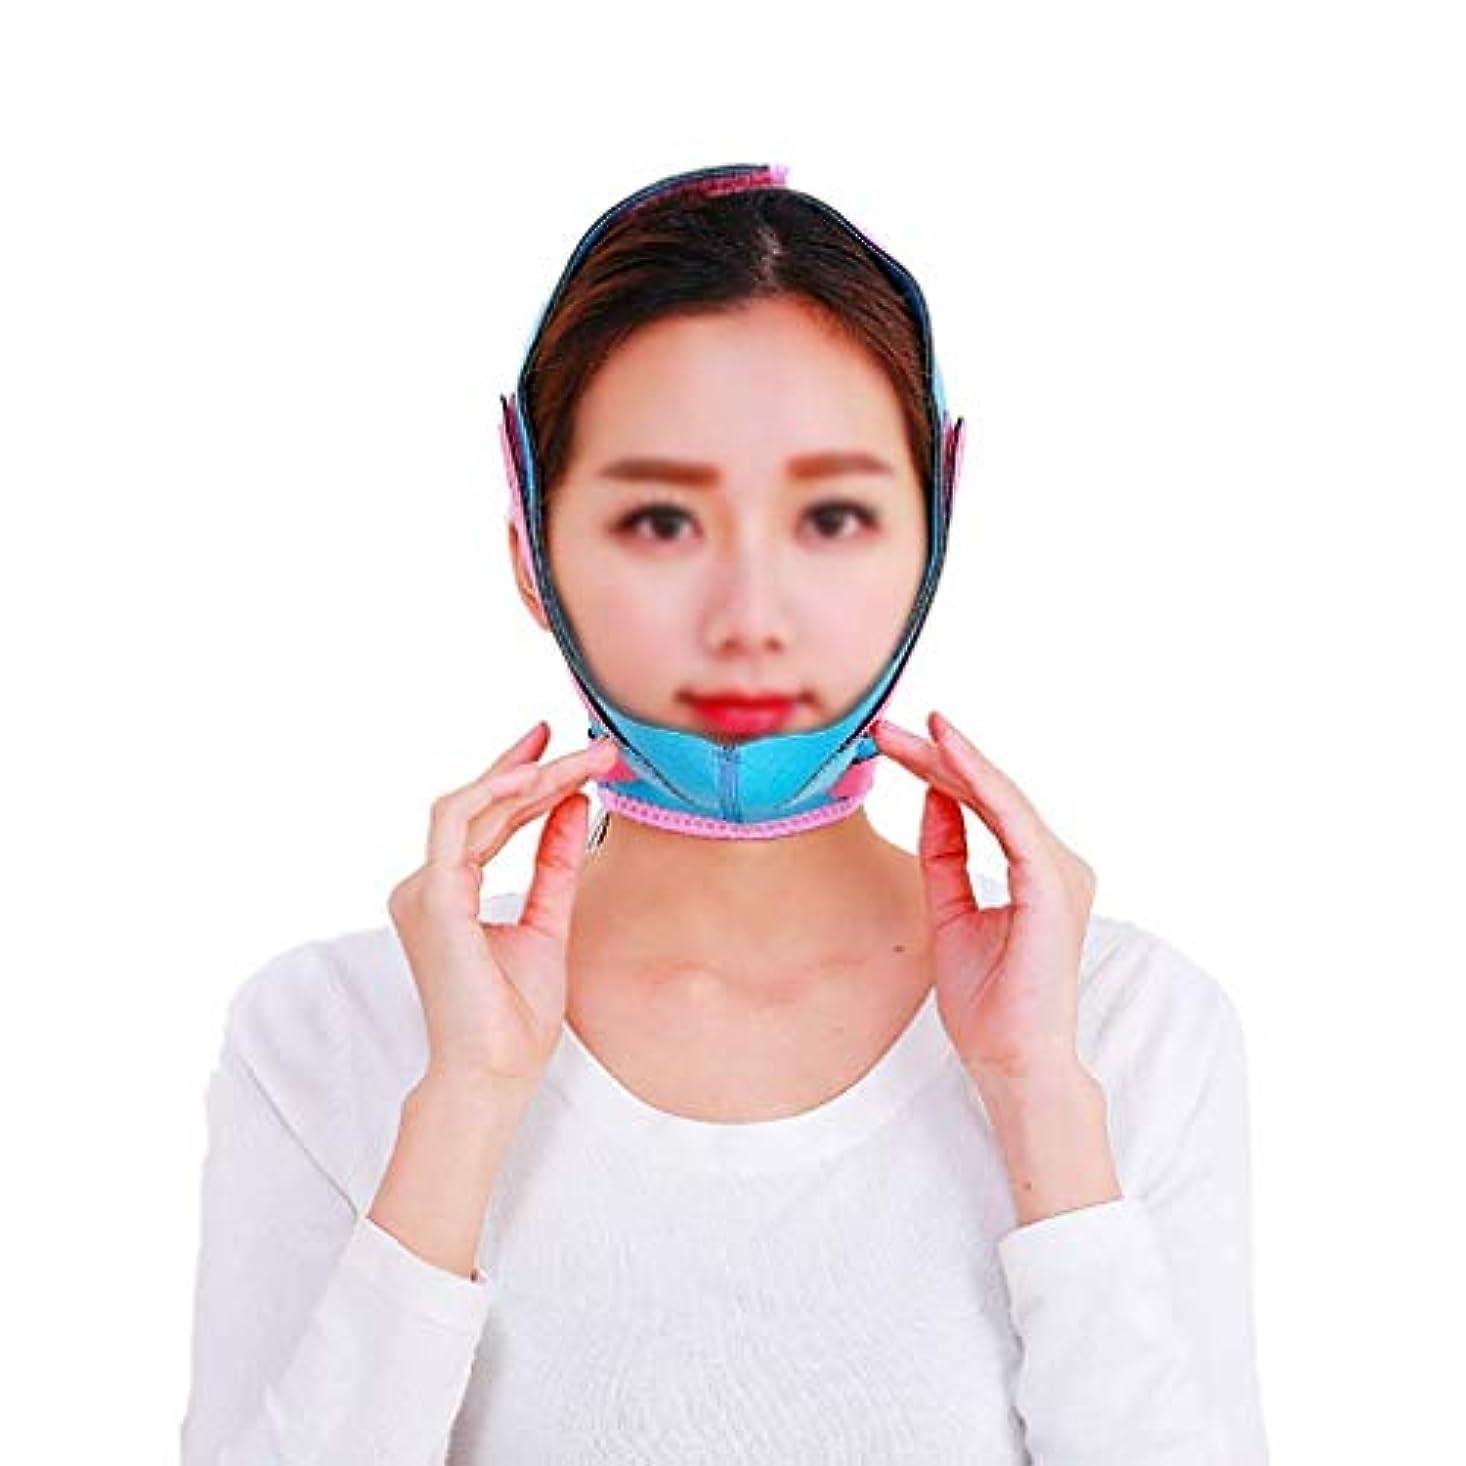 ホール判定知る顔と首のリフト、男性と女性のフェイスリフトアーティファクトシュリンクマスクを強化輪郭の救済ドループ筋肉引き締め肌弾性V顔包帯